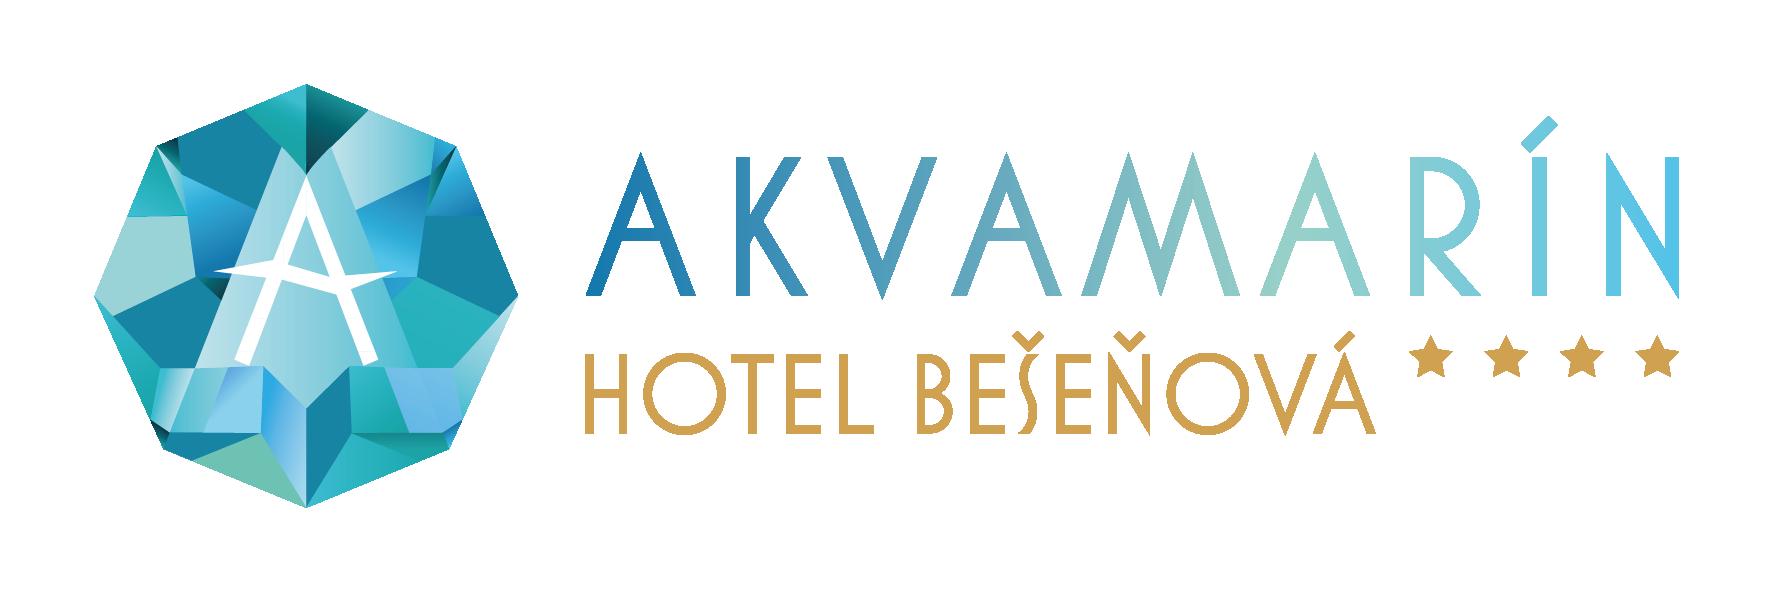 Hotel Akvamarín Bešeňová - Hotel Akvamarín Bešeňová